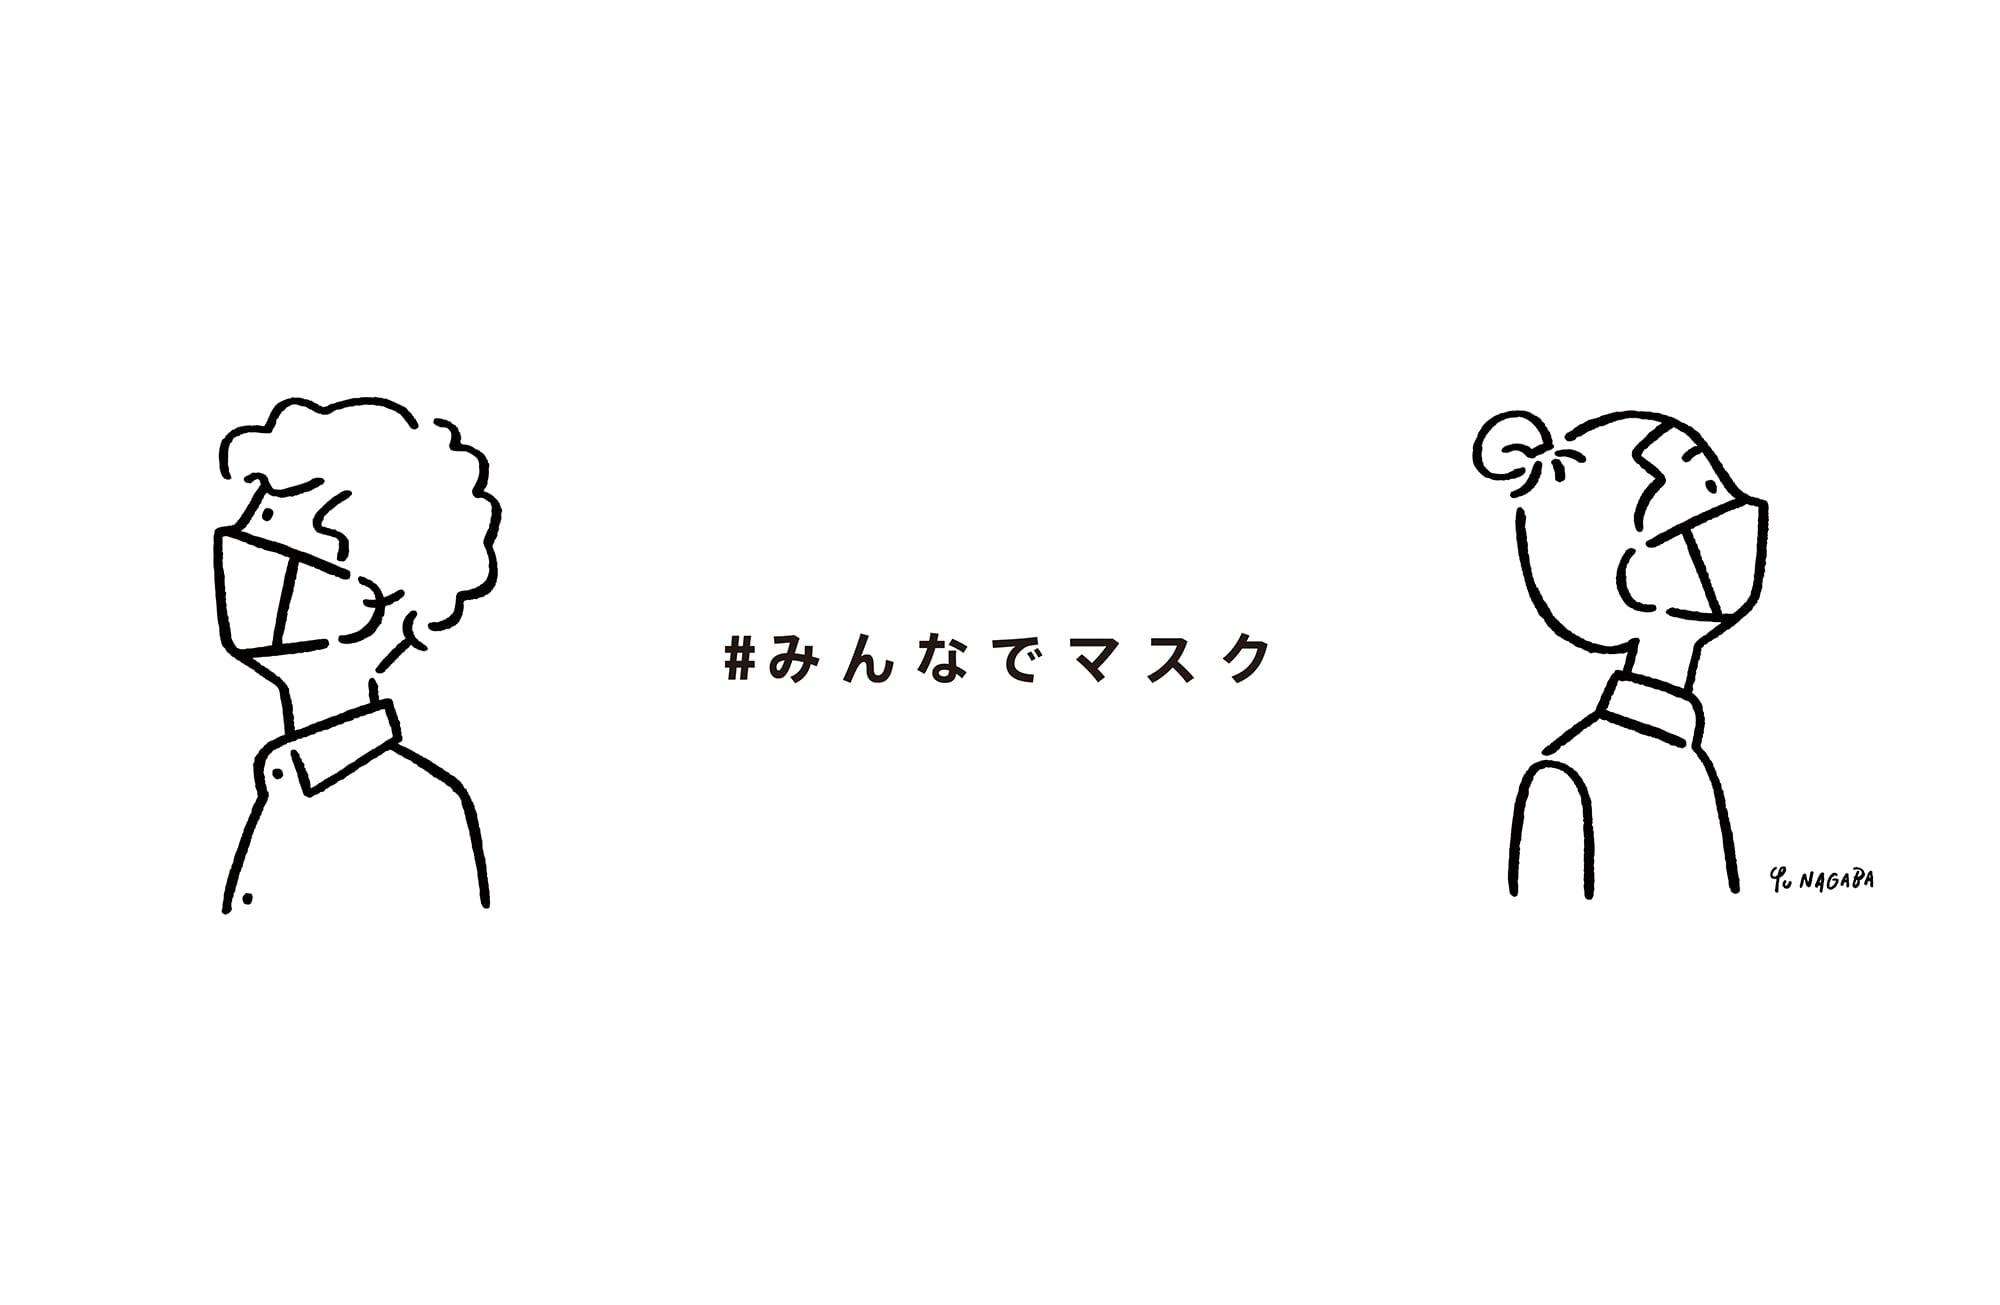 本プロジェクトに賛同したイラストレーター長場雄、株式会社ドライブディレクションのコピーライター後藤国弘が製作。ソーシャルディスタンスをとった、明るい未来を見つめる男女が描かれている。